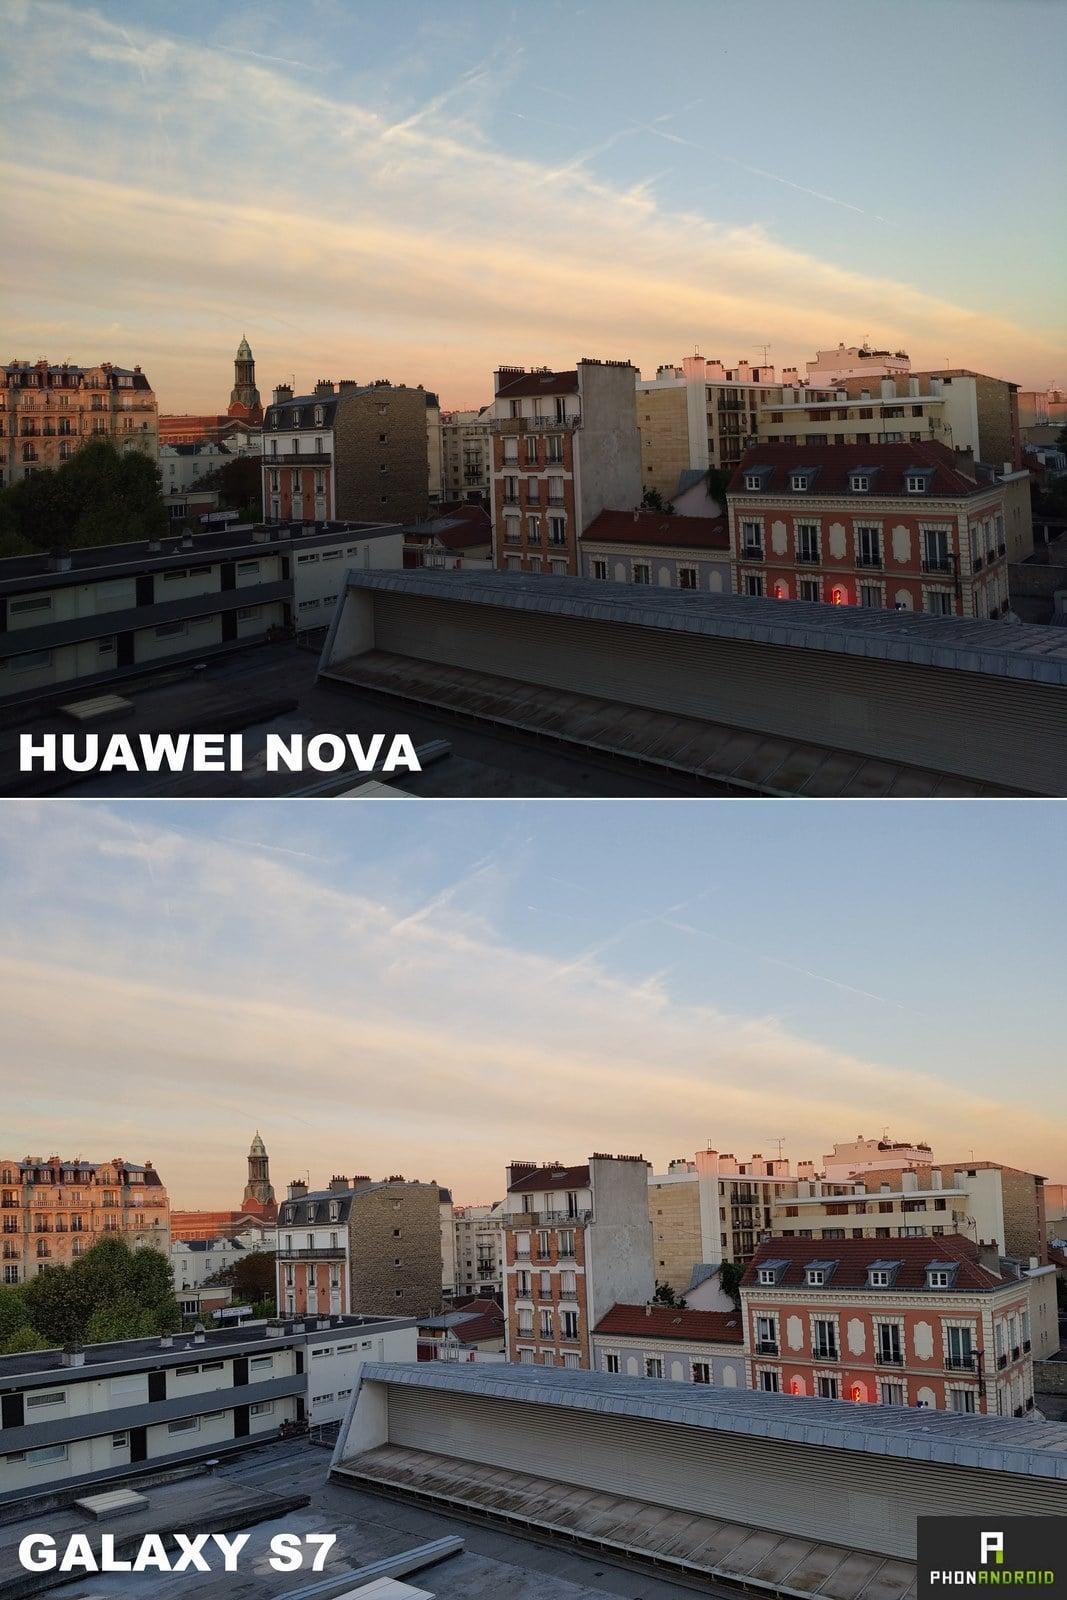 huawei nova galaxy s7 photo